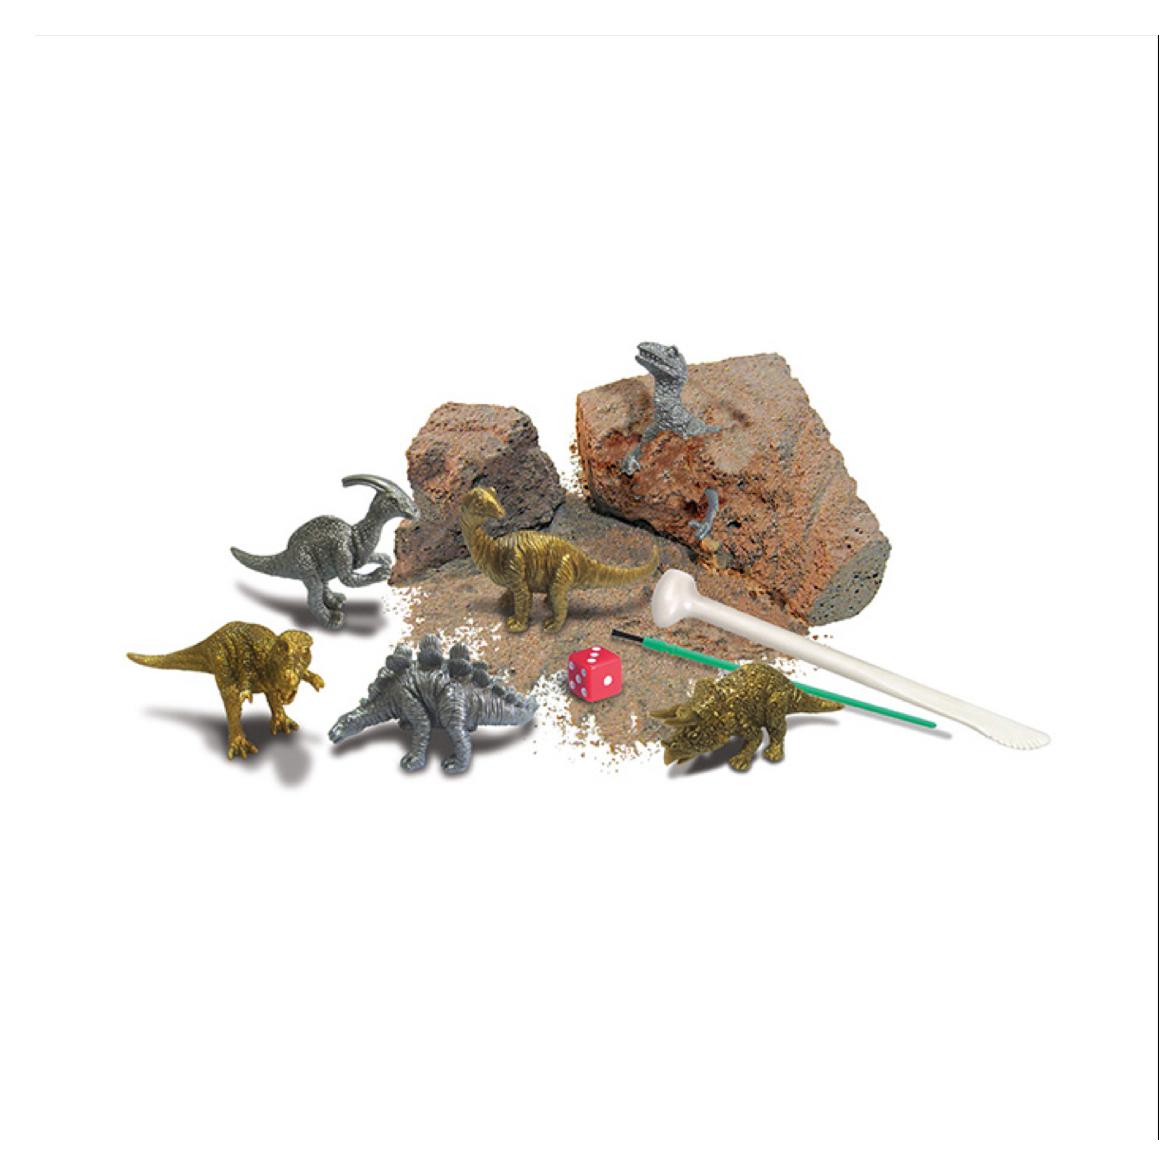 kit-excava-y-juega-con-los-dinosaurios-dinosaur-world-de-4m-en-el-mundo-de-mico-3